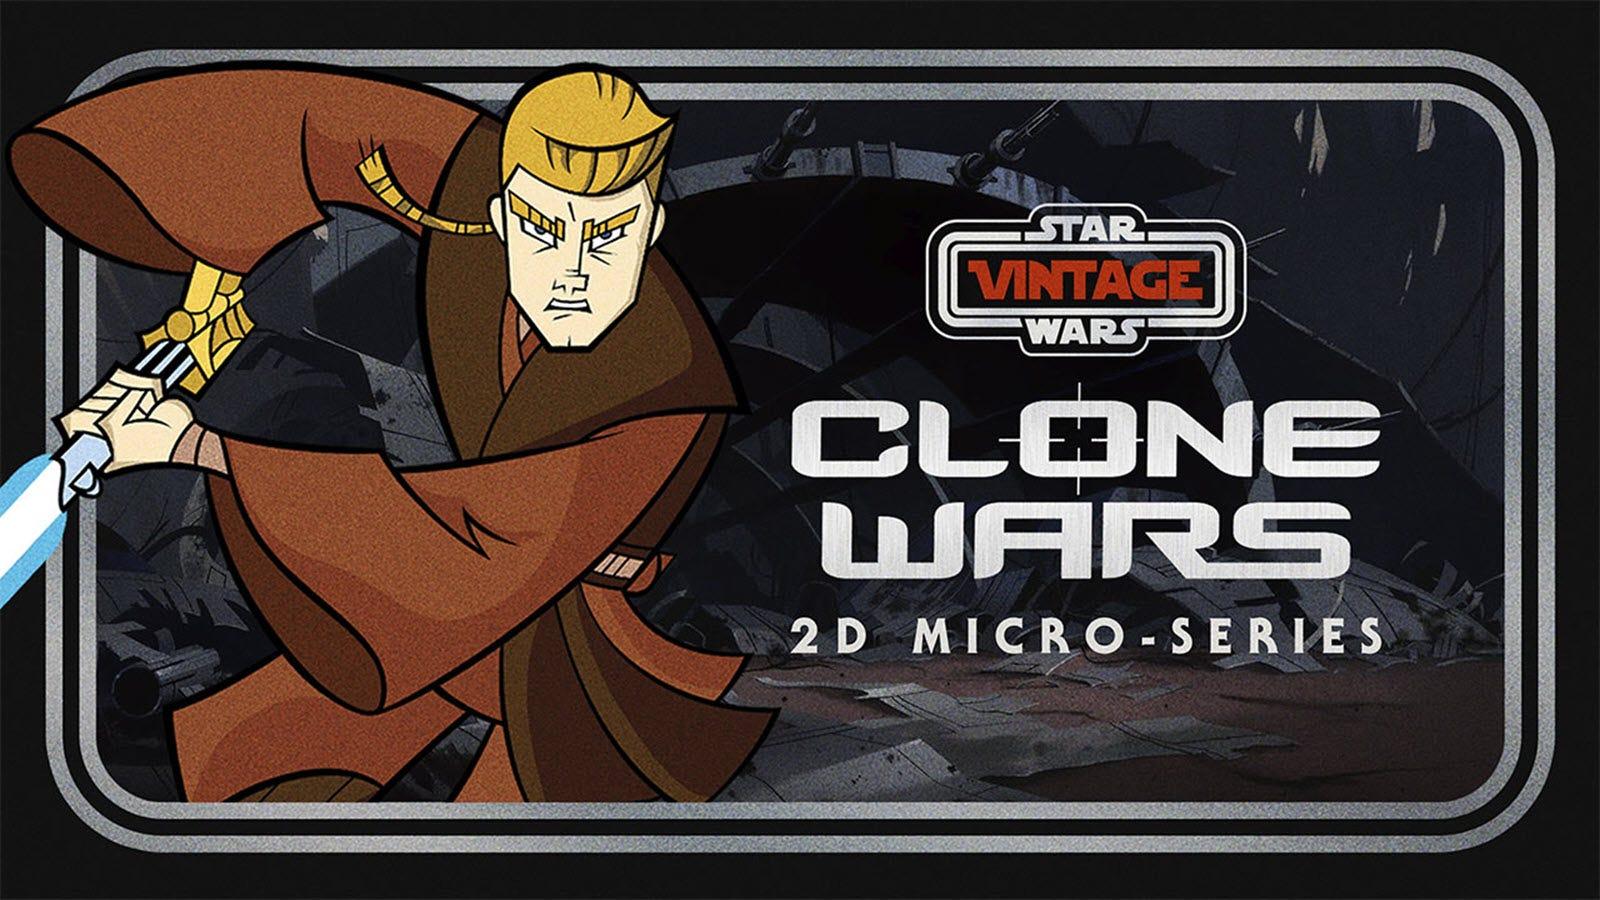 A still from the 'Star Wars Clone Wars' cartoon.